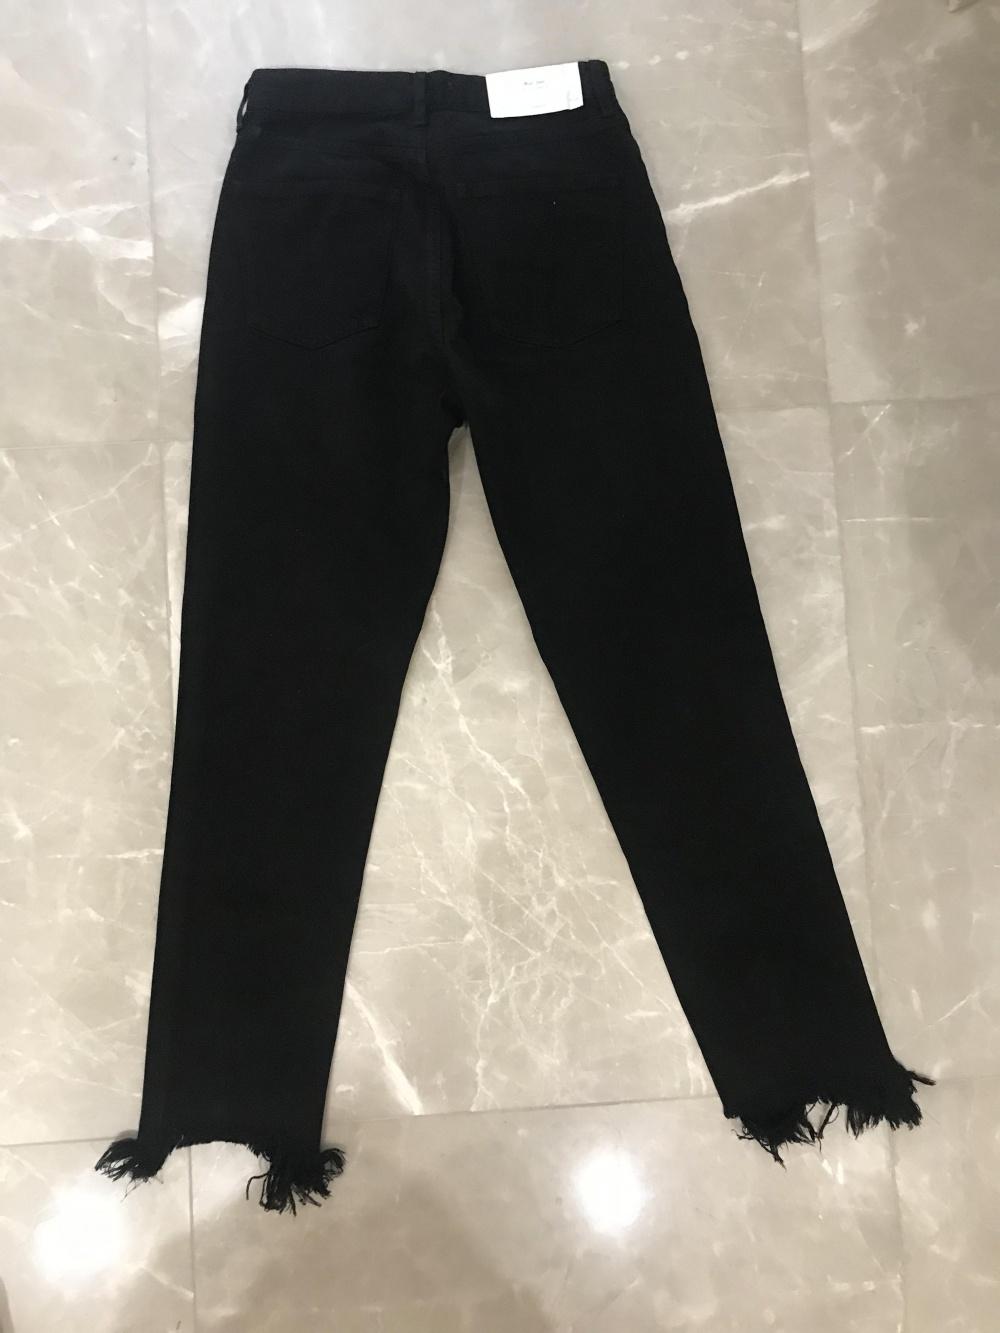 Чёрные джинсы M.I.H Jeans, 25 размер